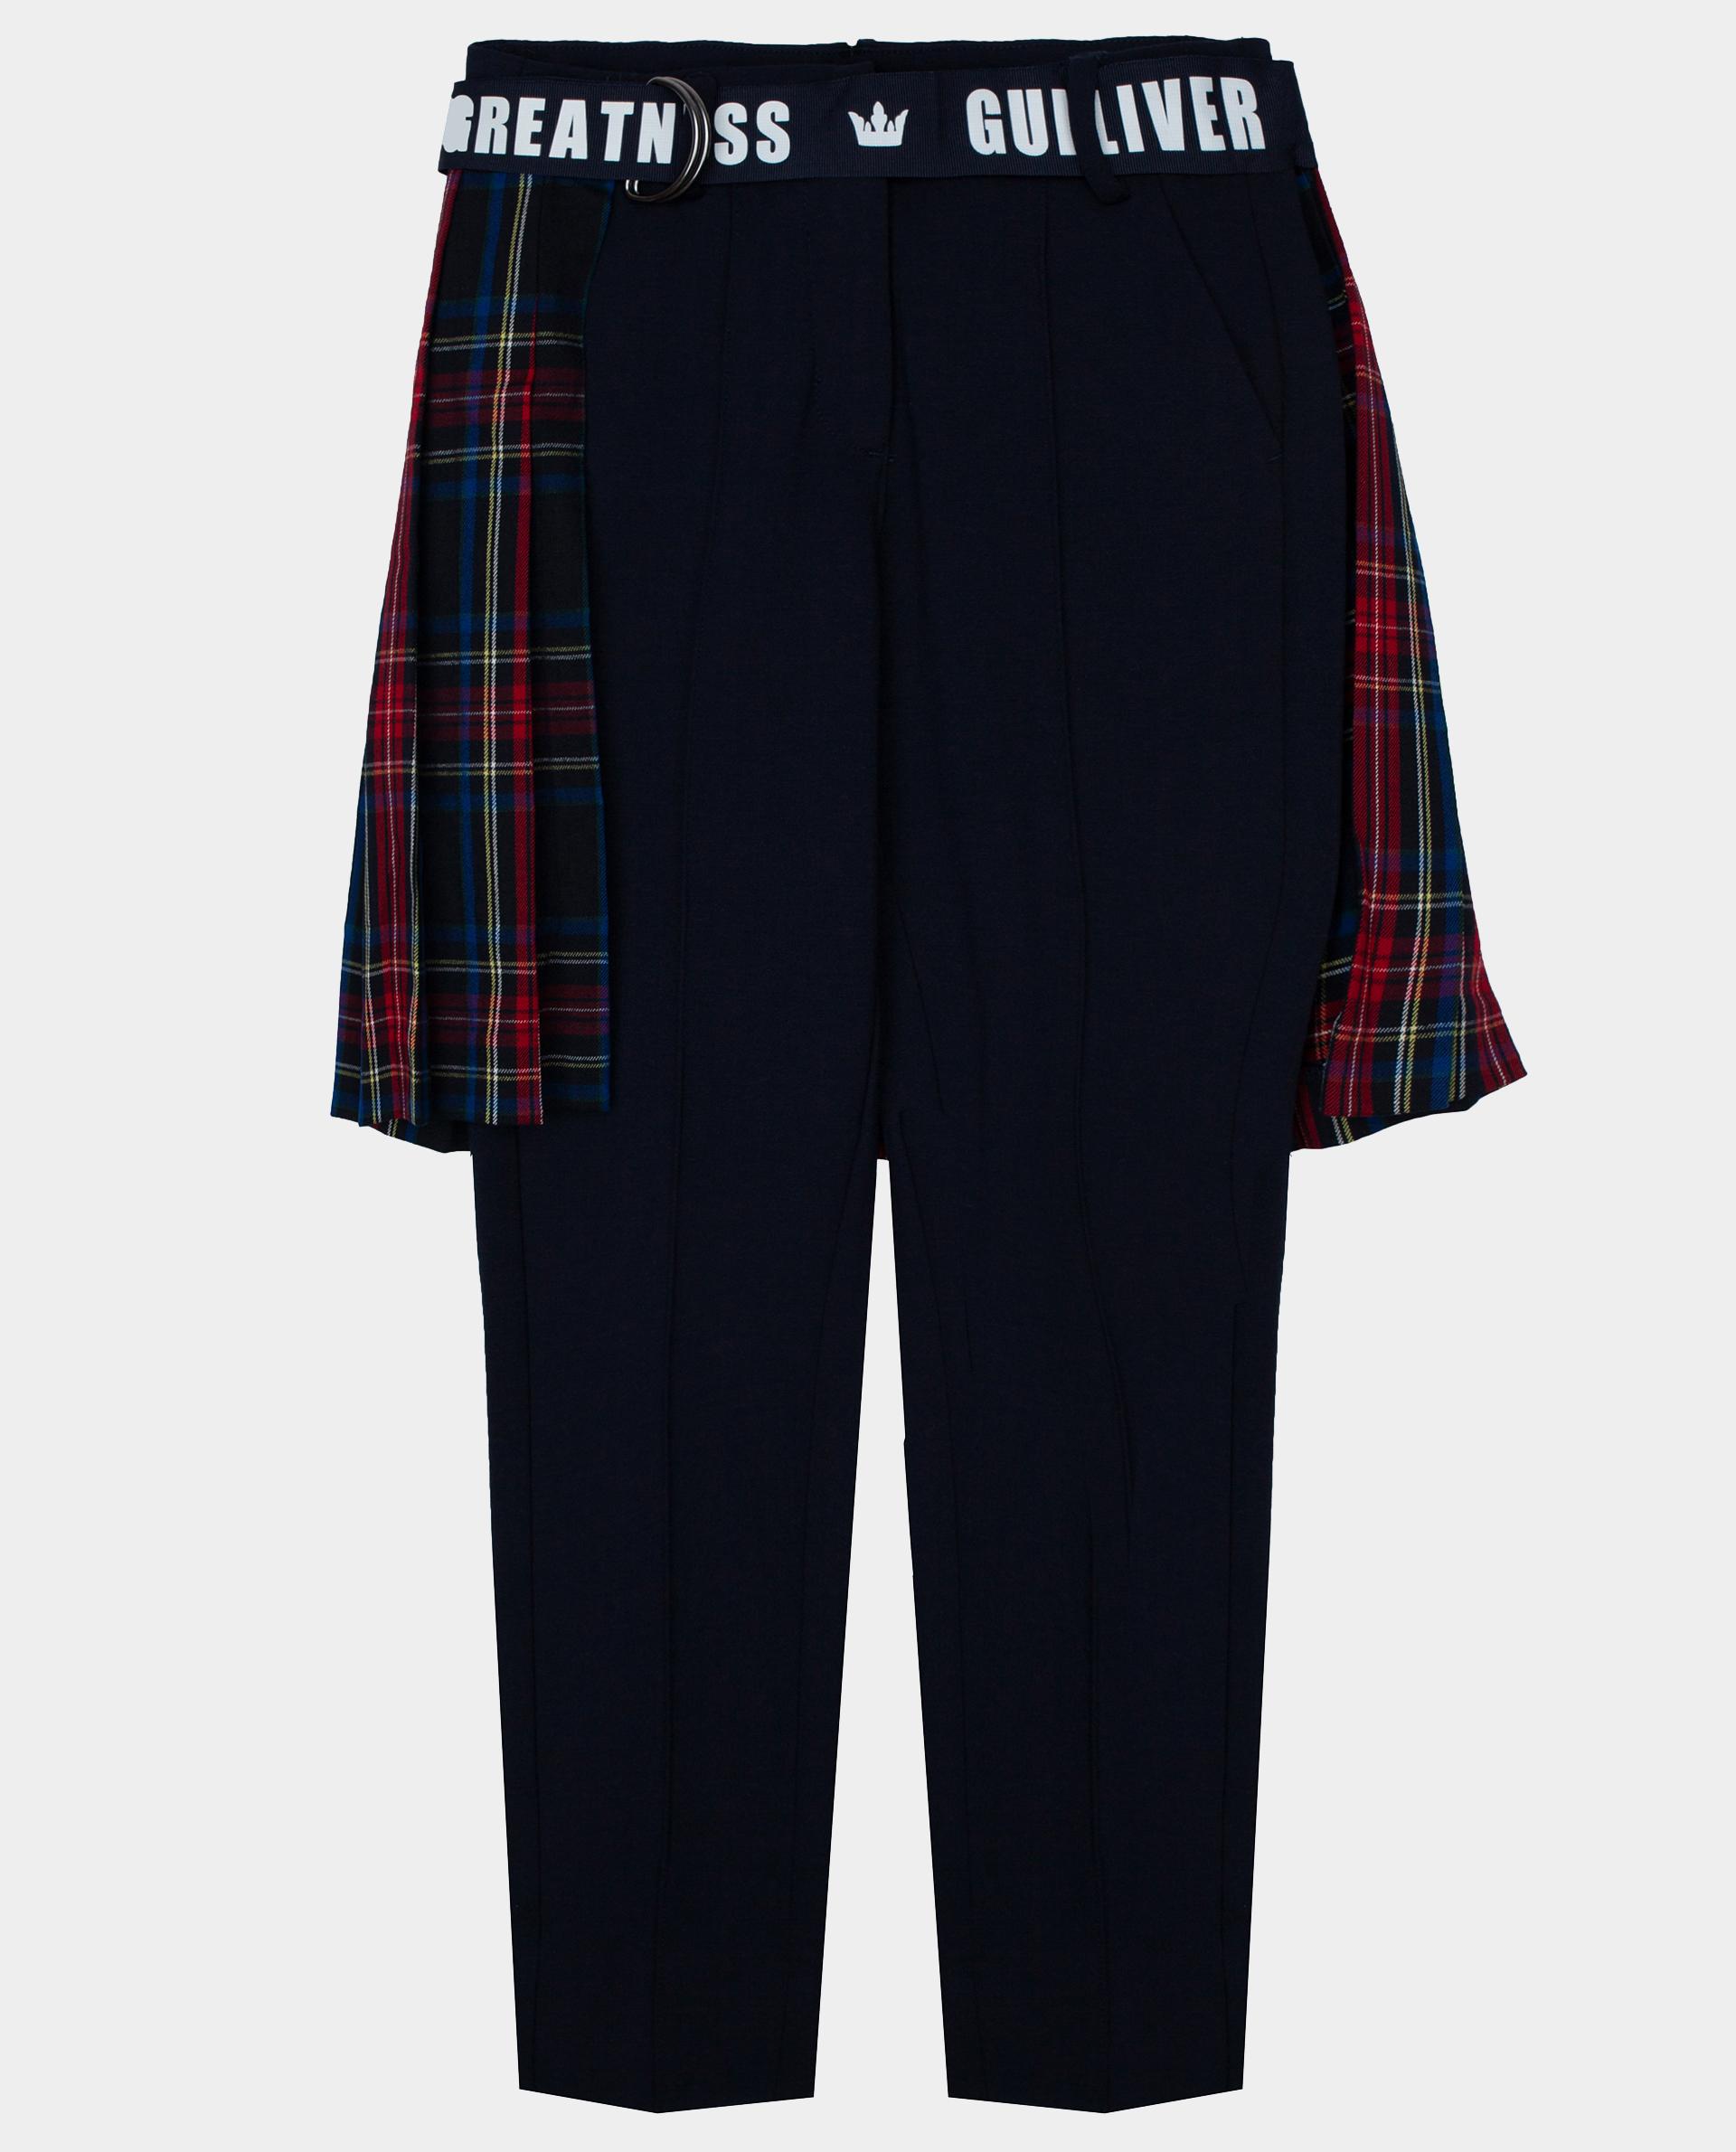 Купить 22007GJC5603, Синие брюки Gulliver, синий, 134, Вискоза, Женский, Демисезон, ОСЕНЬ/ЗИМА 2020-2021 (shop: GulliverMarket Gulliver Market)